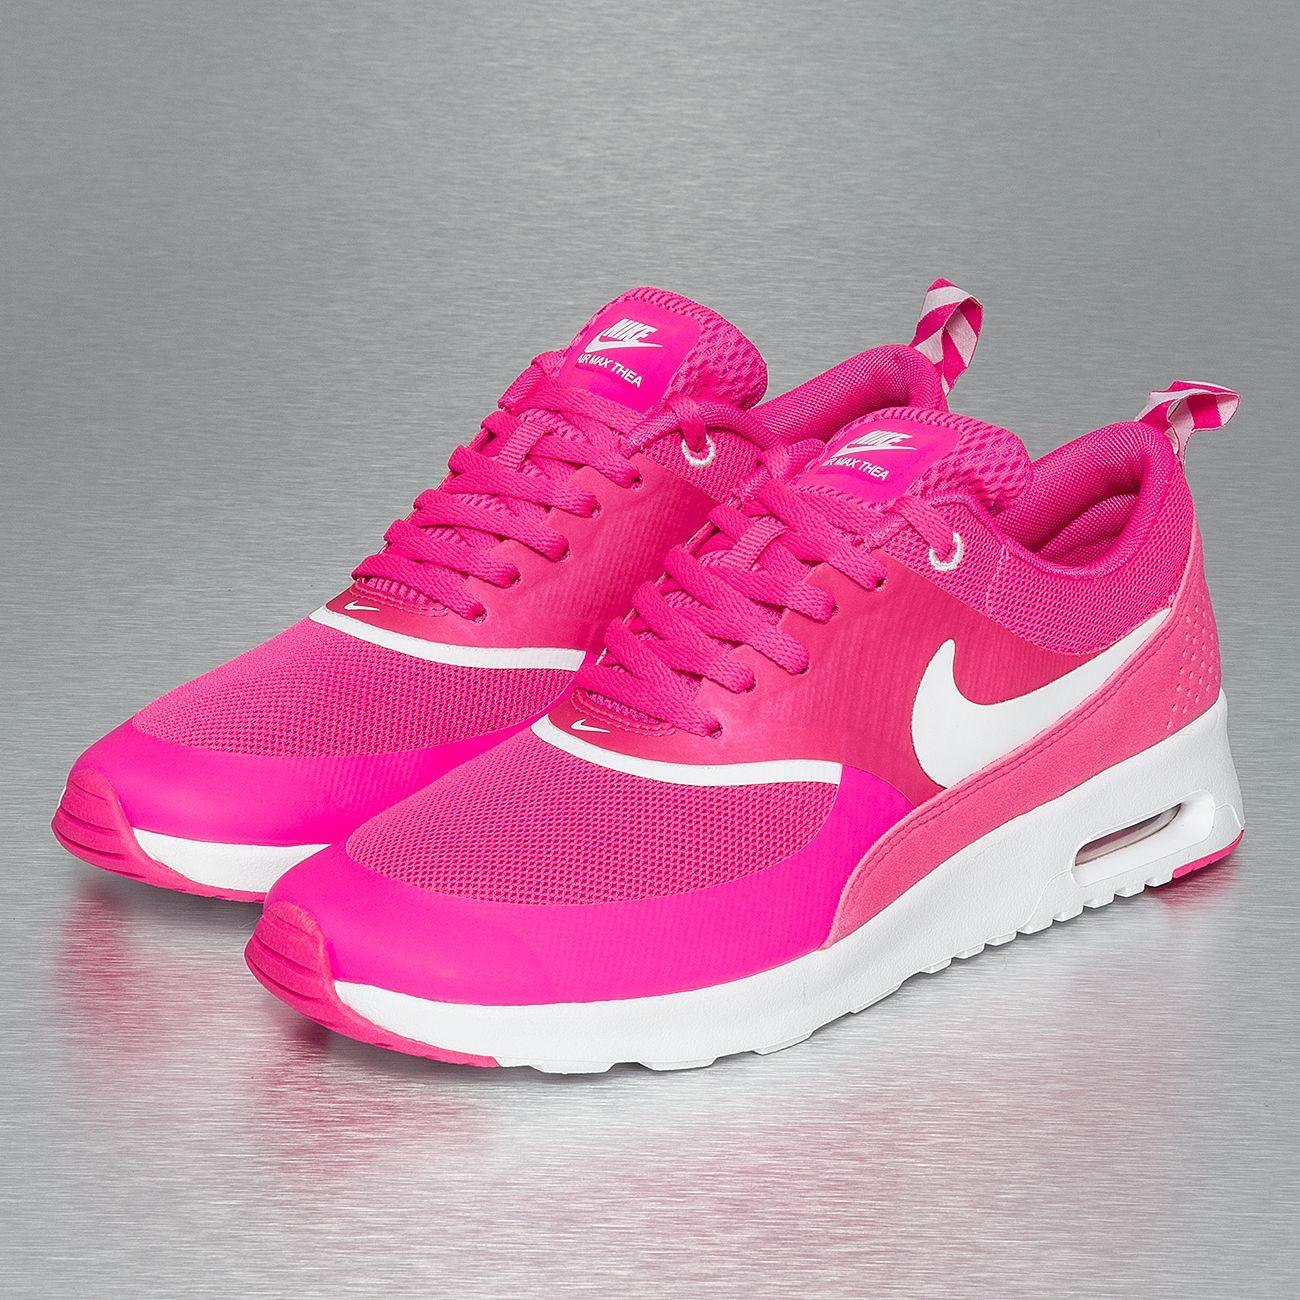 Nike Air max Thea kopen? Bekijk hier ze hier!